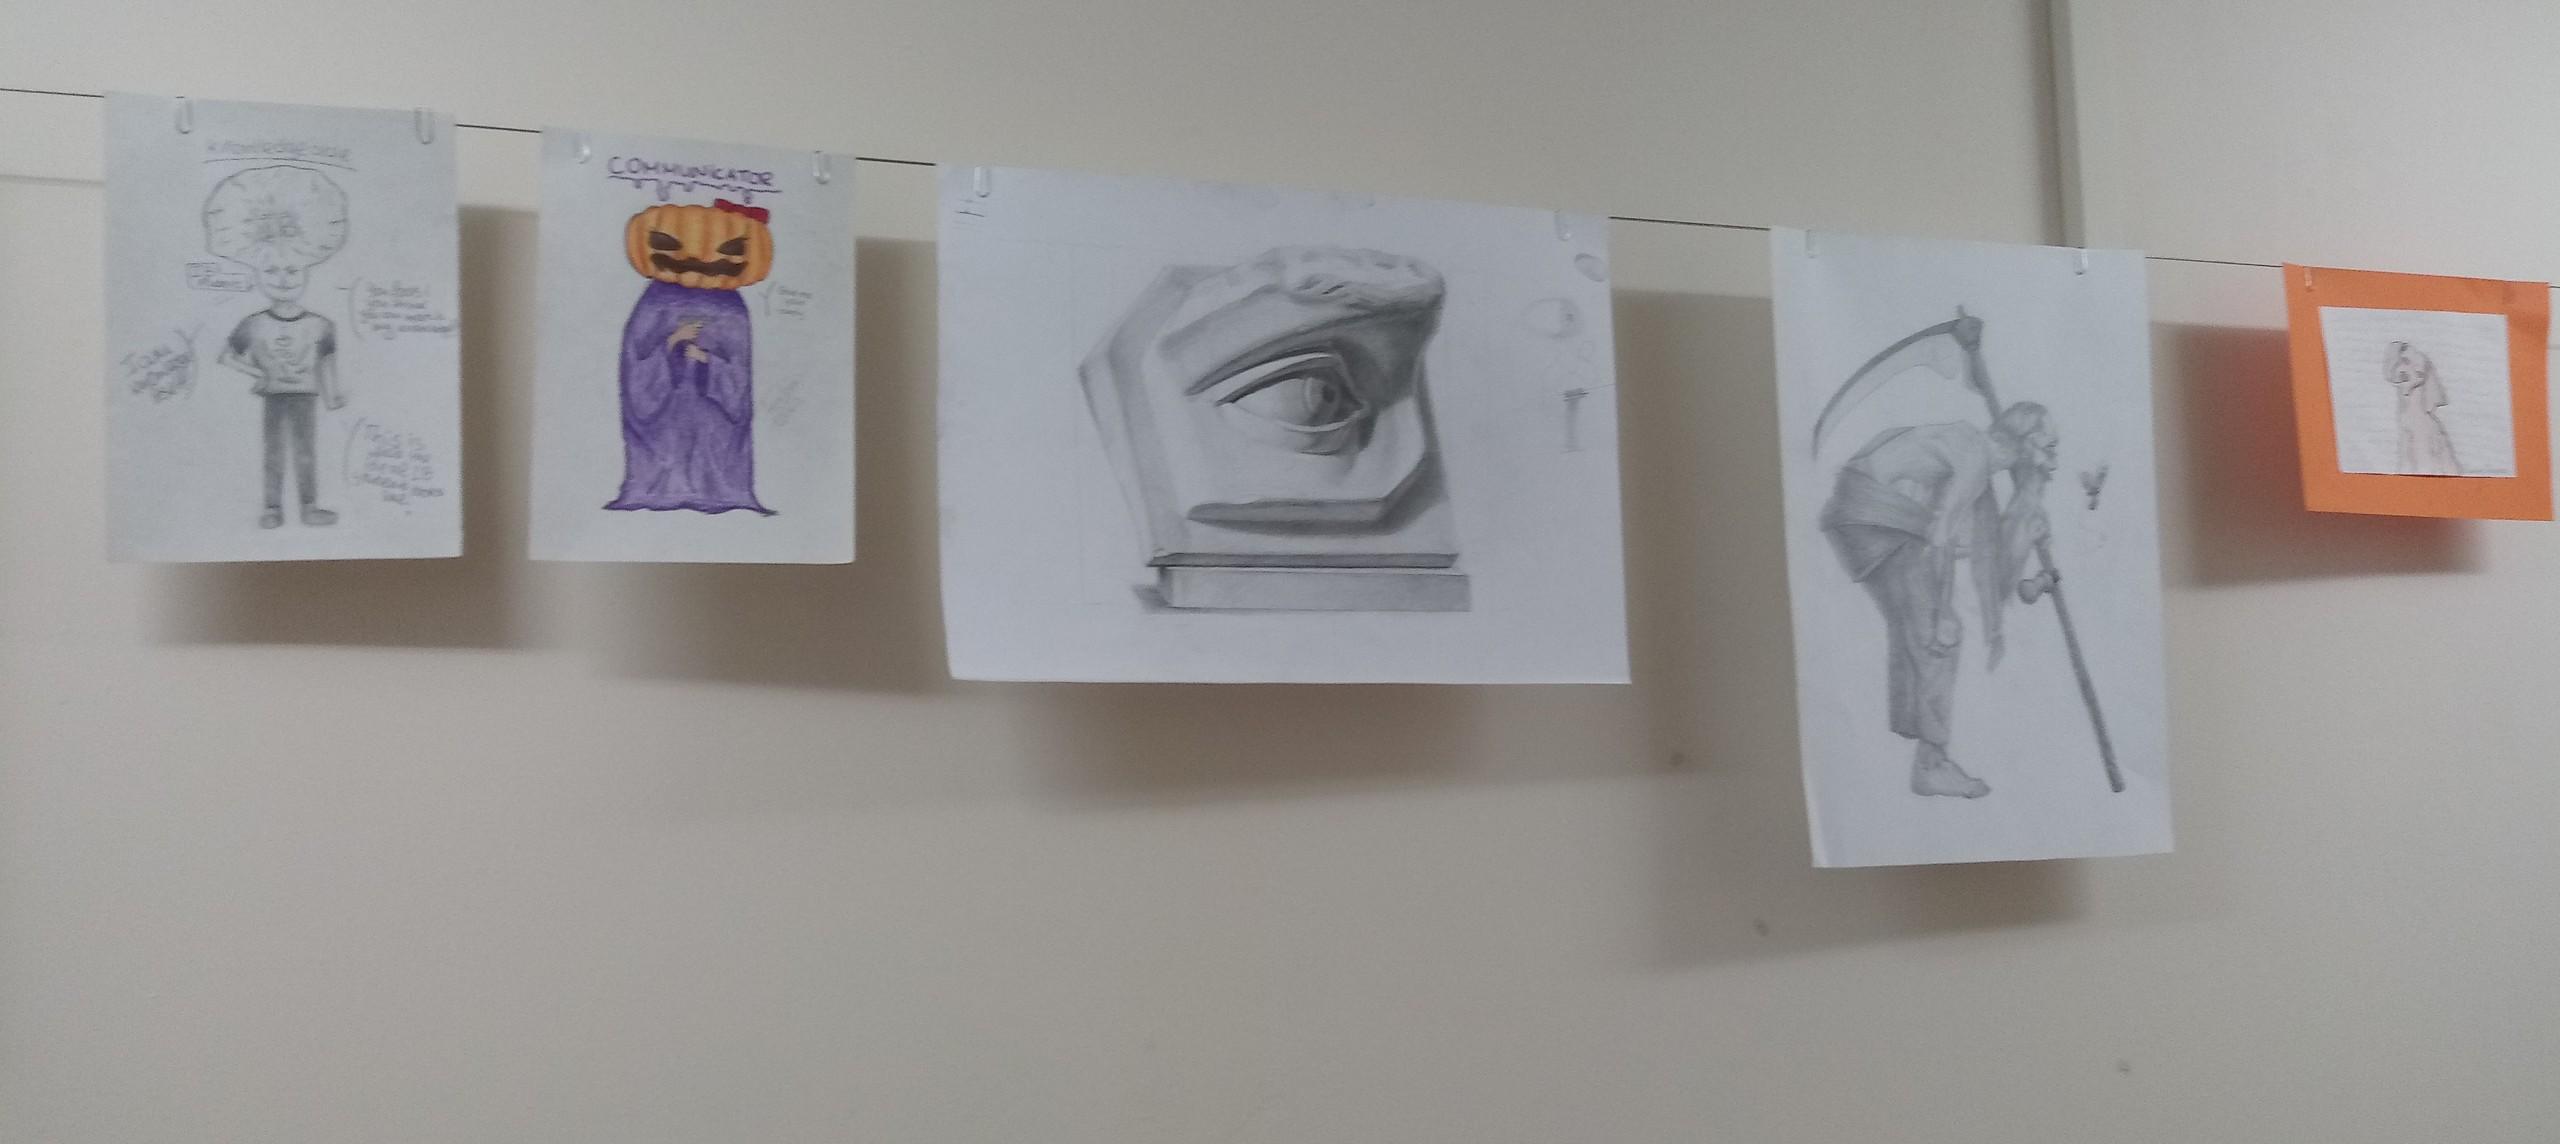 Първа изложба в пространството ни за изкуство